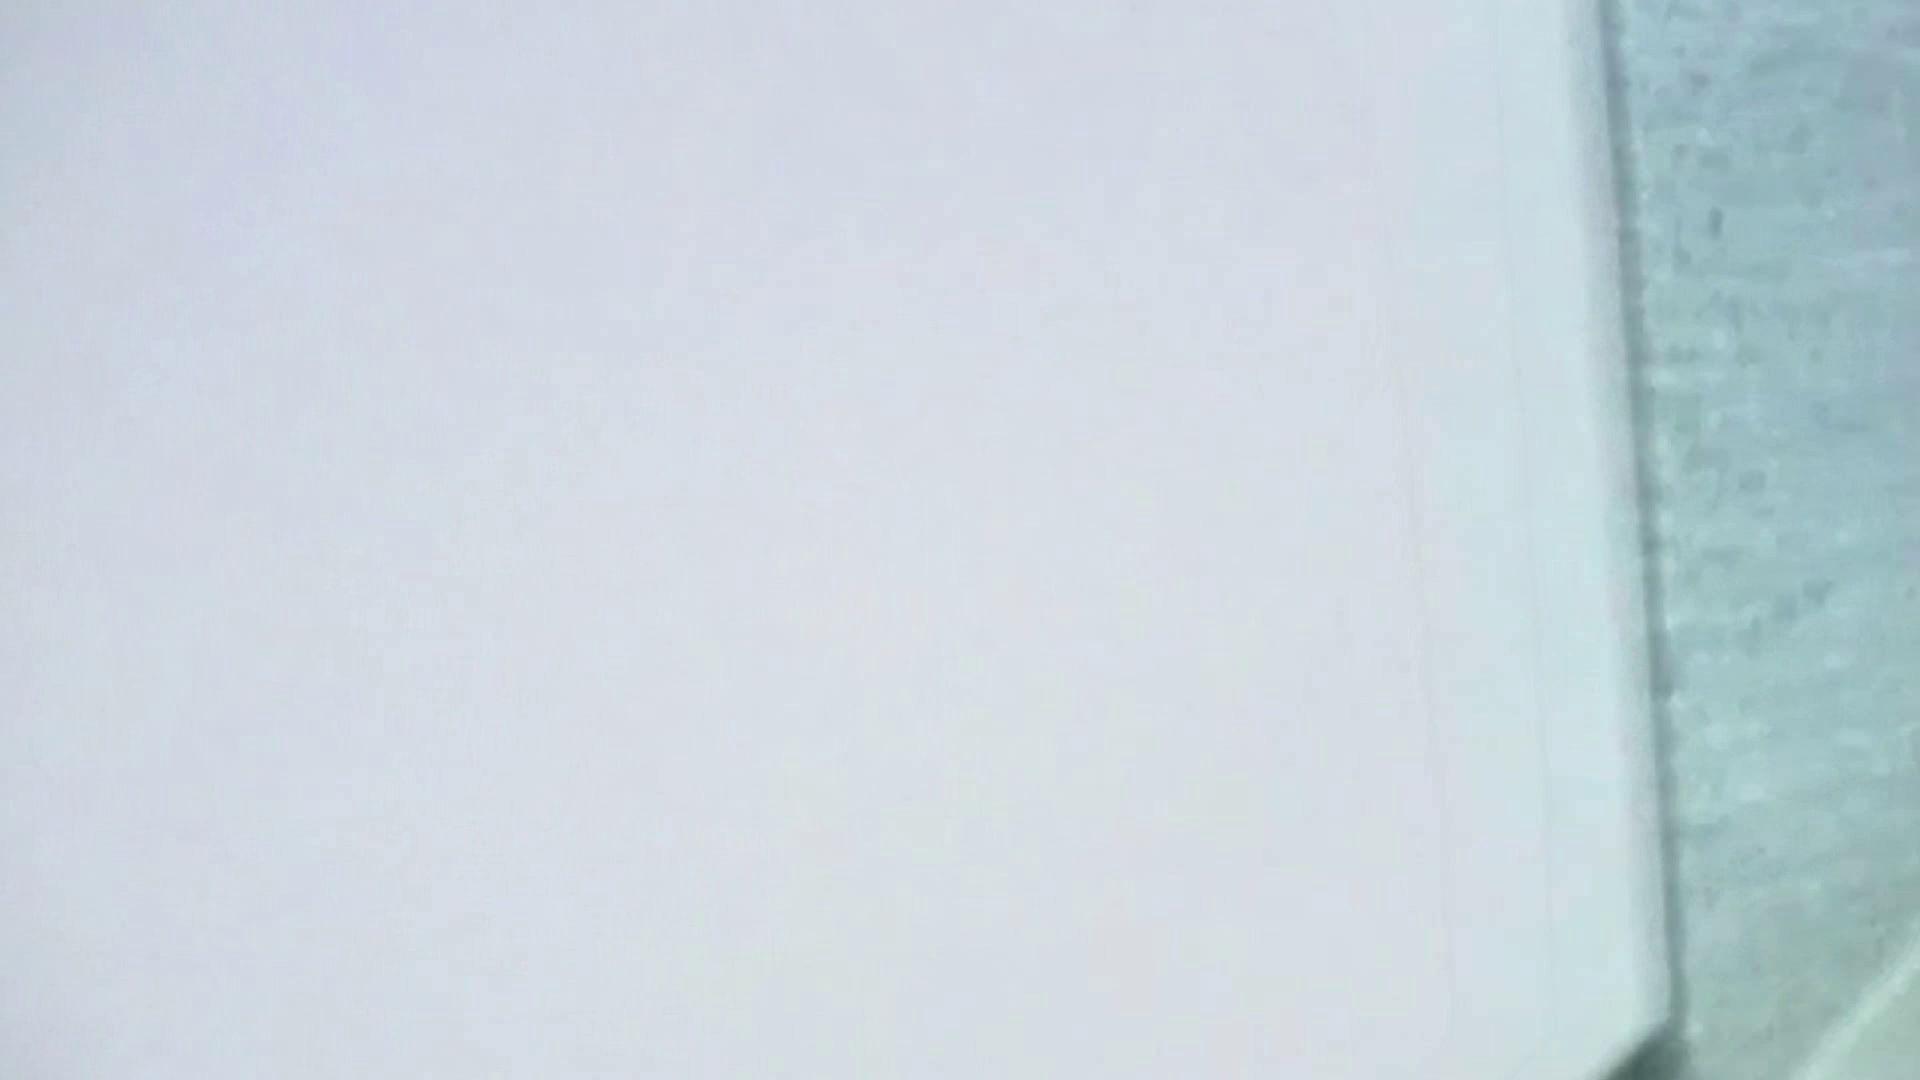 お姉さんの恥便所盗撮! Vol.12 エッチな盗撮   おしり  79pic 31